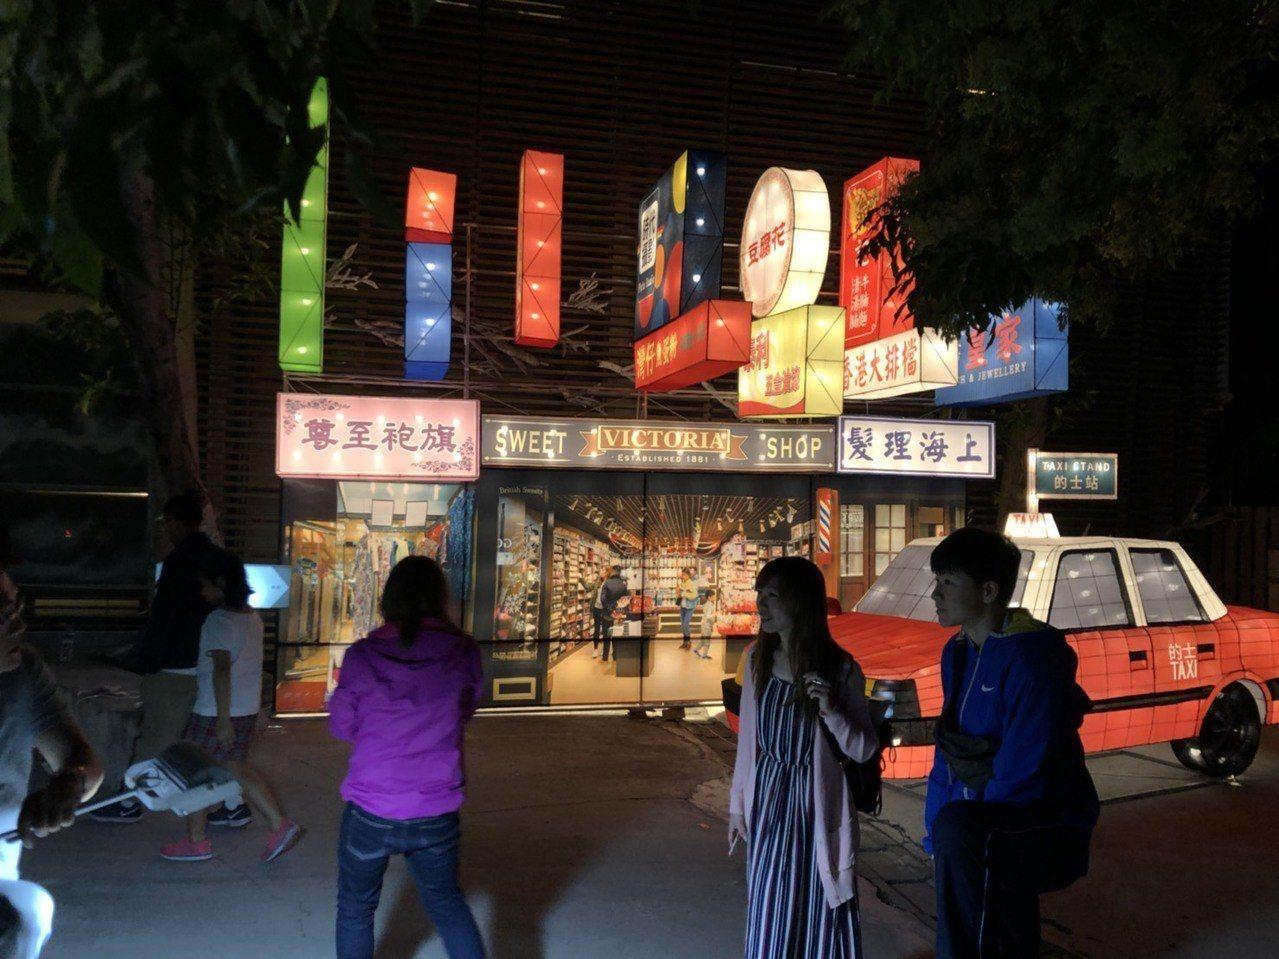 香港獨特的招牌文化及的士計程車,吸引不少民眾及遊客目光,成為爭相拍照合影的熱點。...